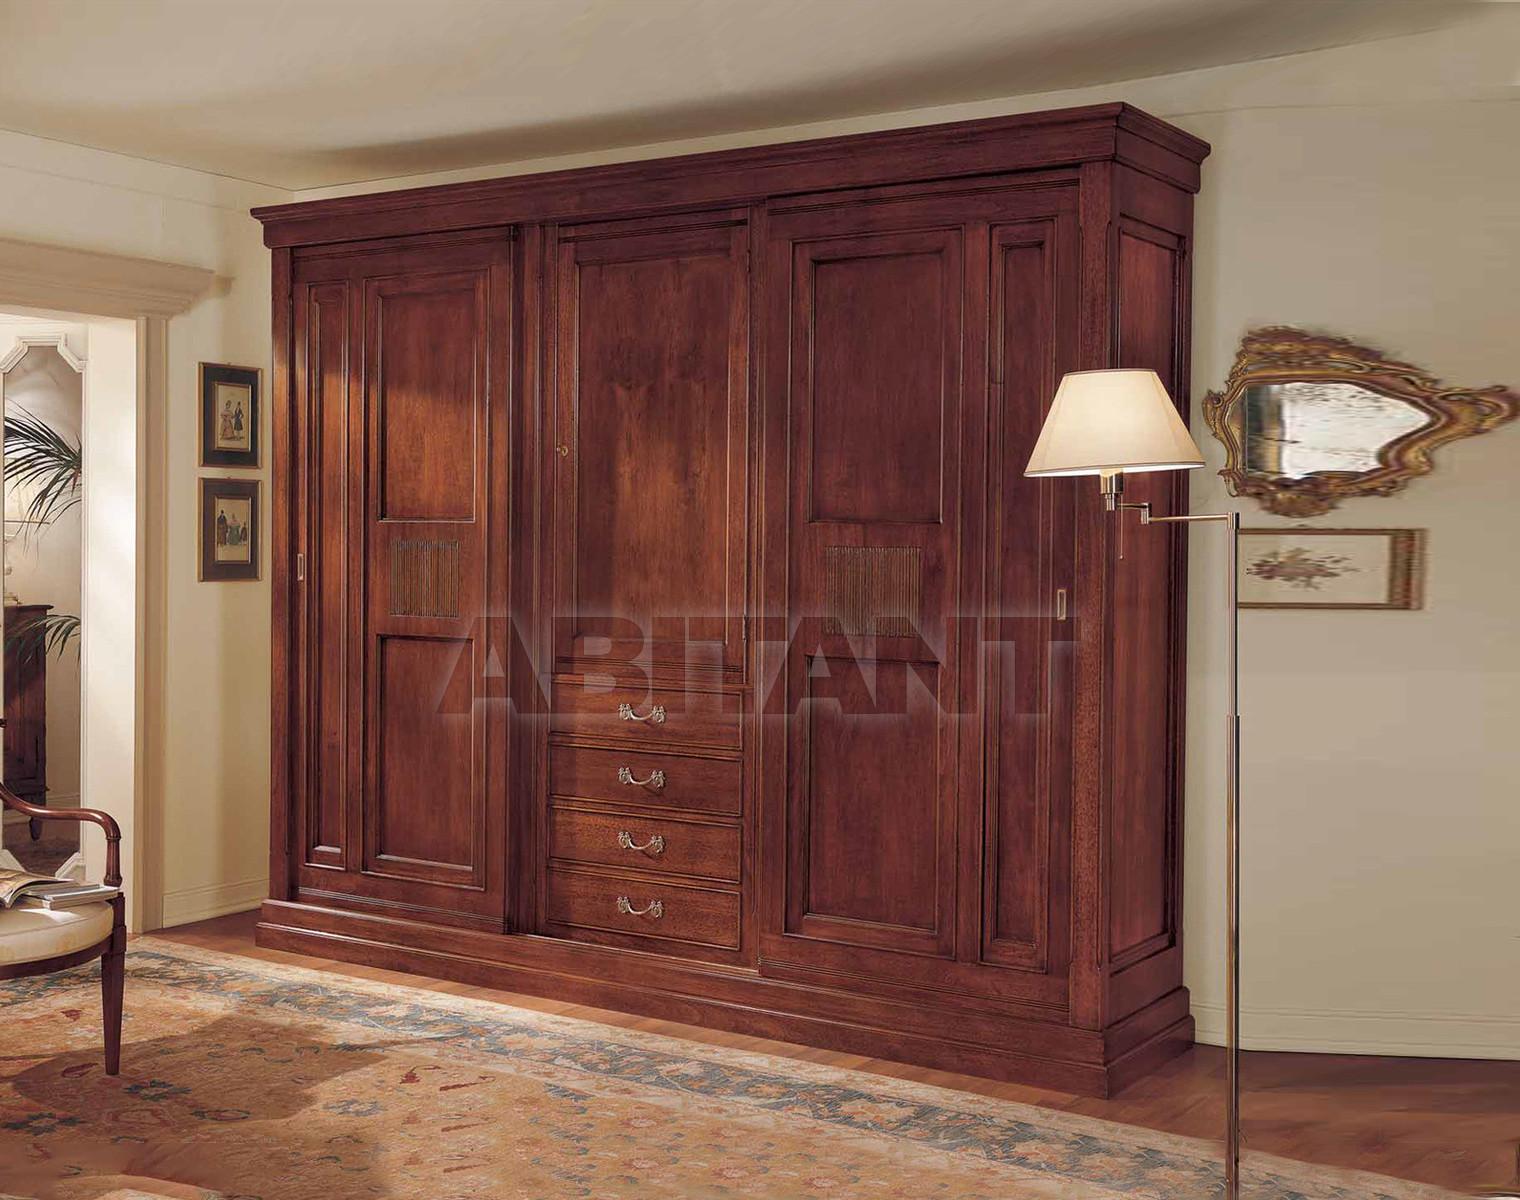 Купить Шкаф гардеробный F.lli Corso Srl Golden House 1050